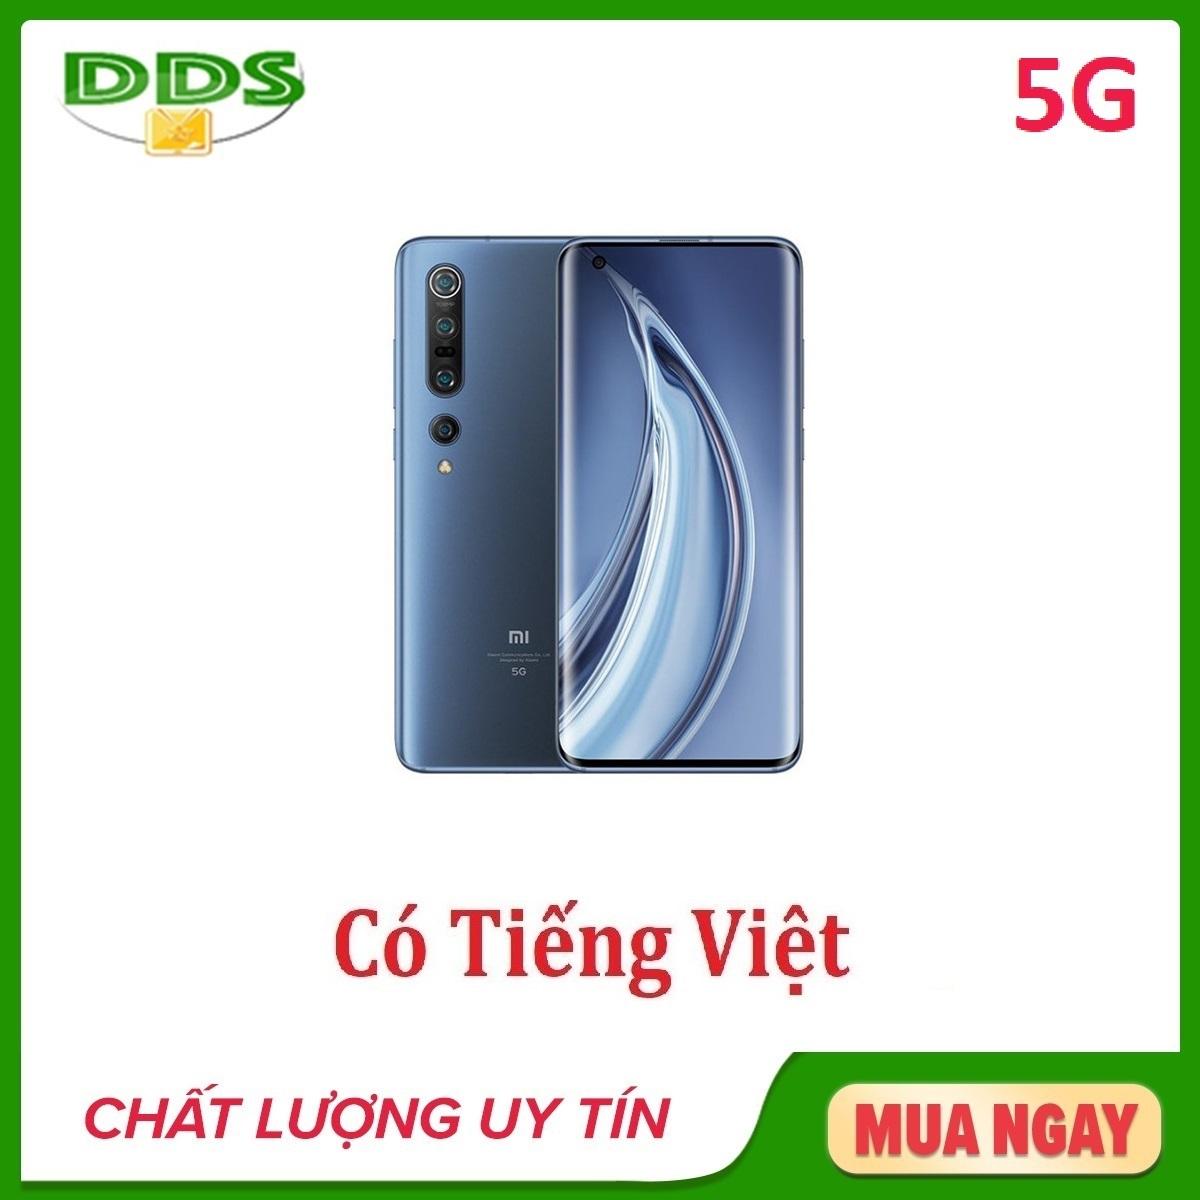 Điện thoại Xiaomi Mi 10 Pro 256Gb Ram 8Gb - Hàng nhập khẩu